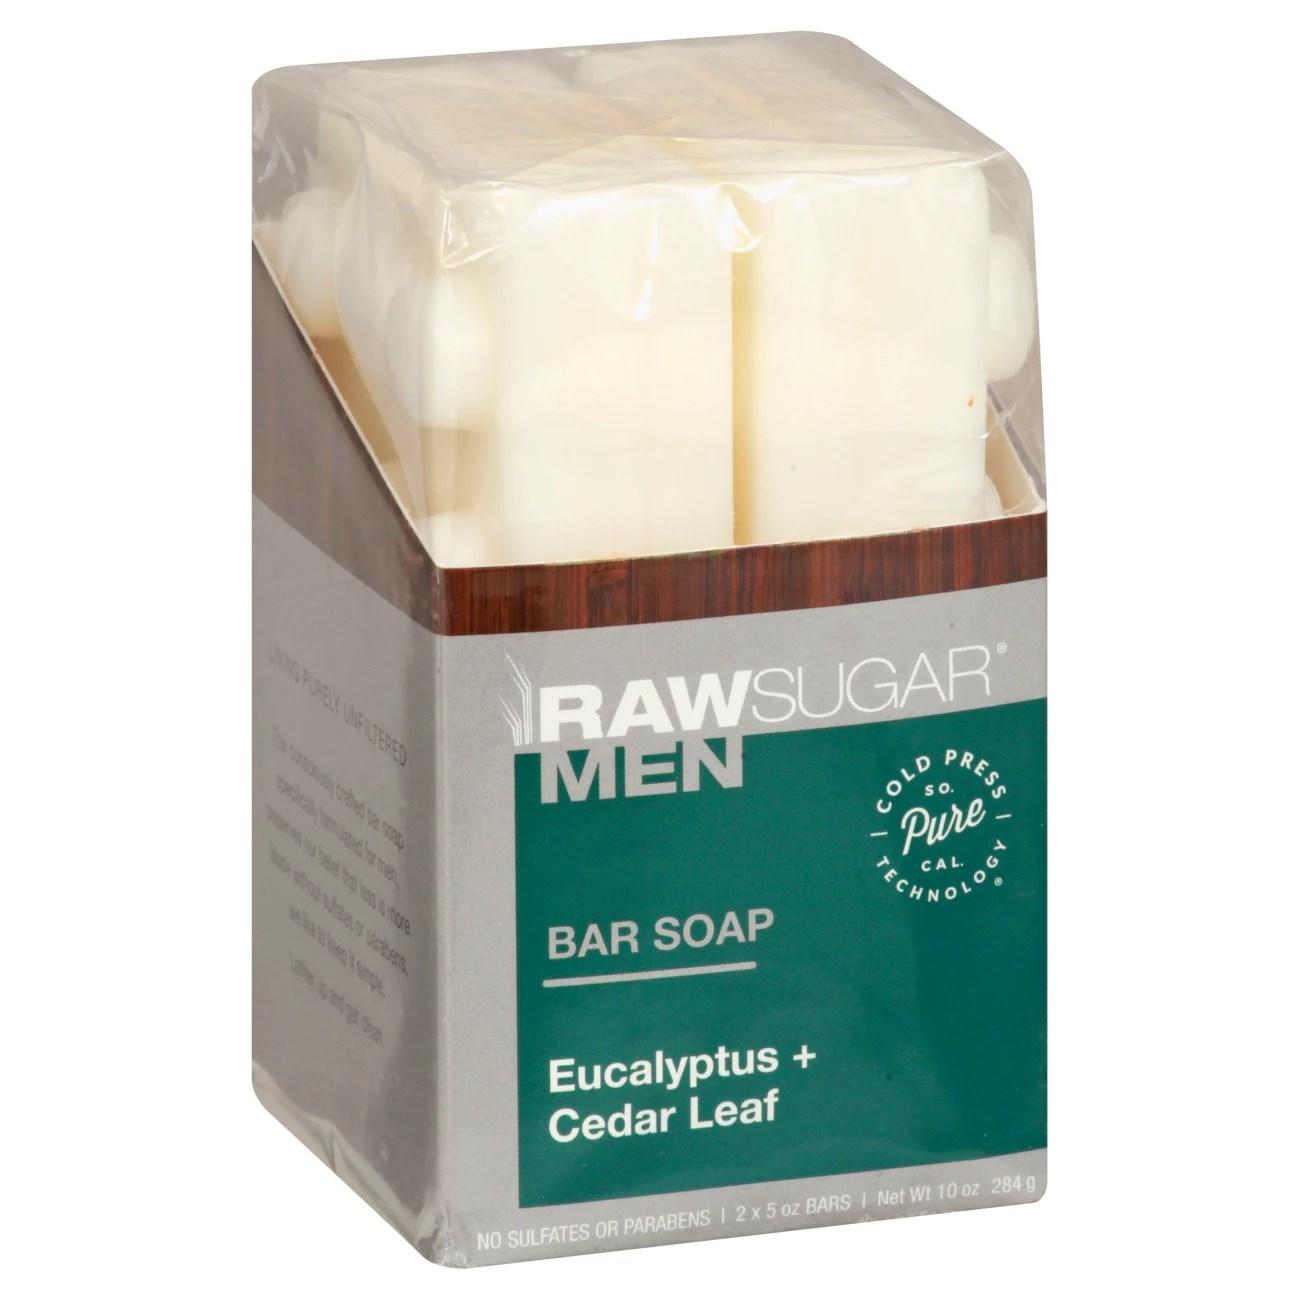 Raw Sugar Men's Bar Soap Eucalyptus + Cedar Leaf - Shop ...